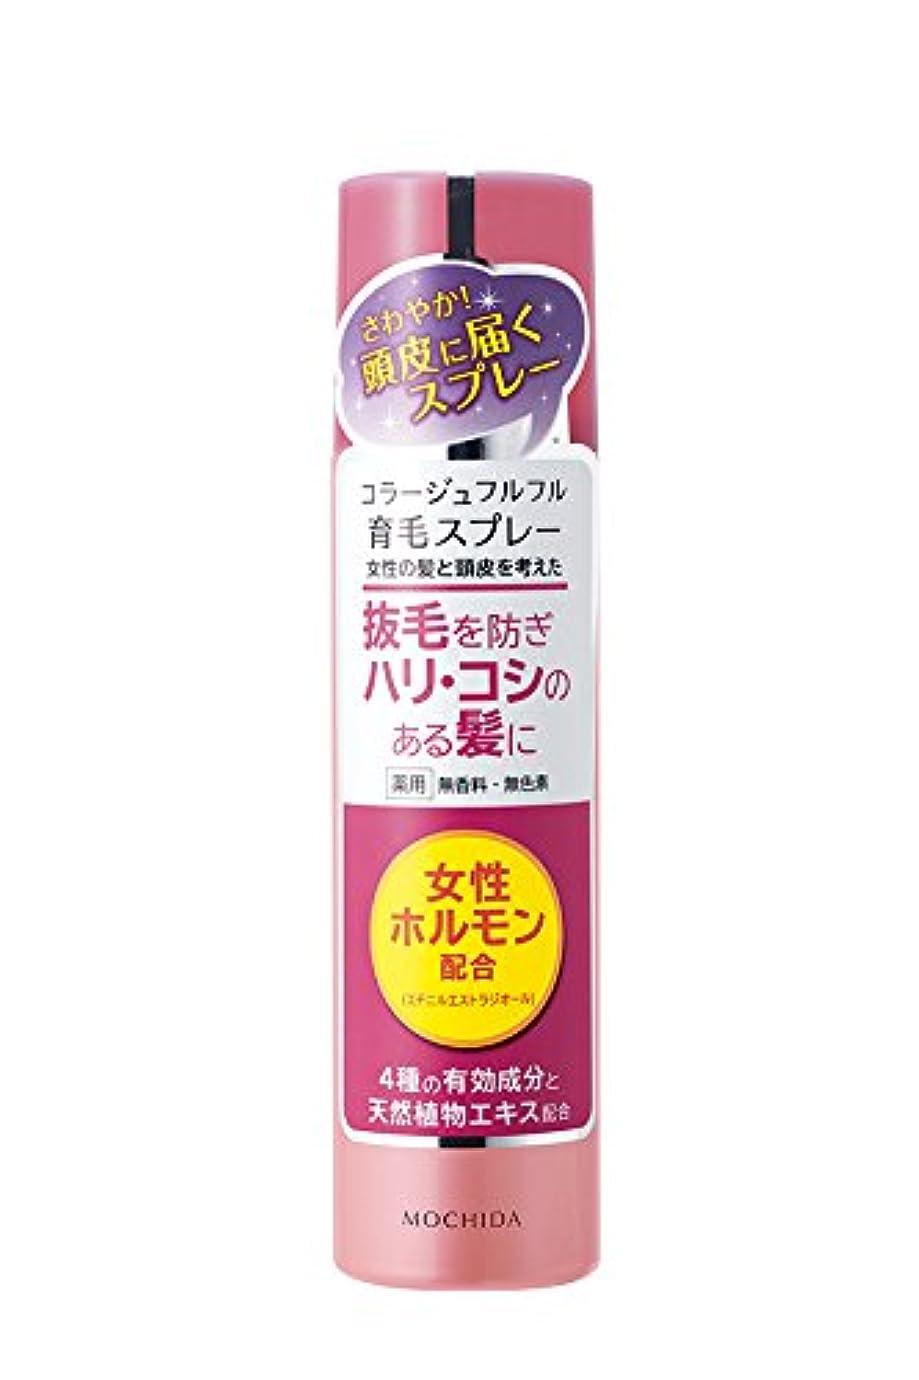 前投薬熟すタール持田ヘルスケア コラージュフルフル 育毛スプレー 150g